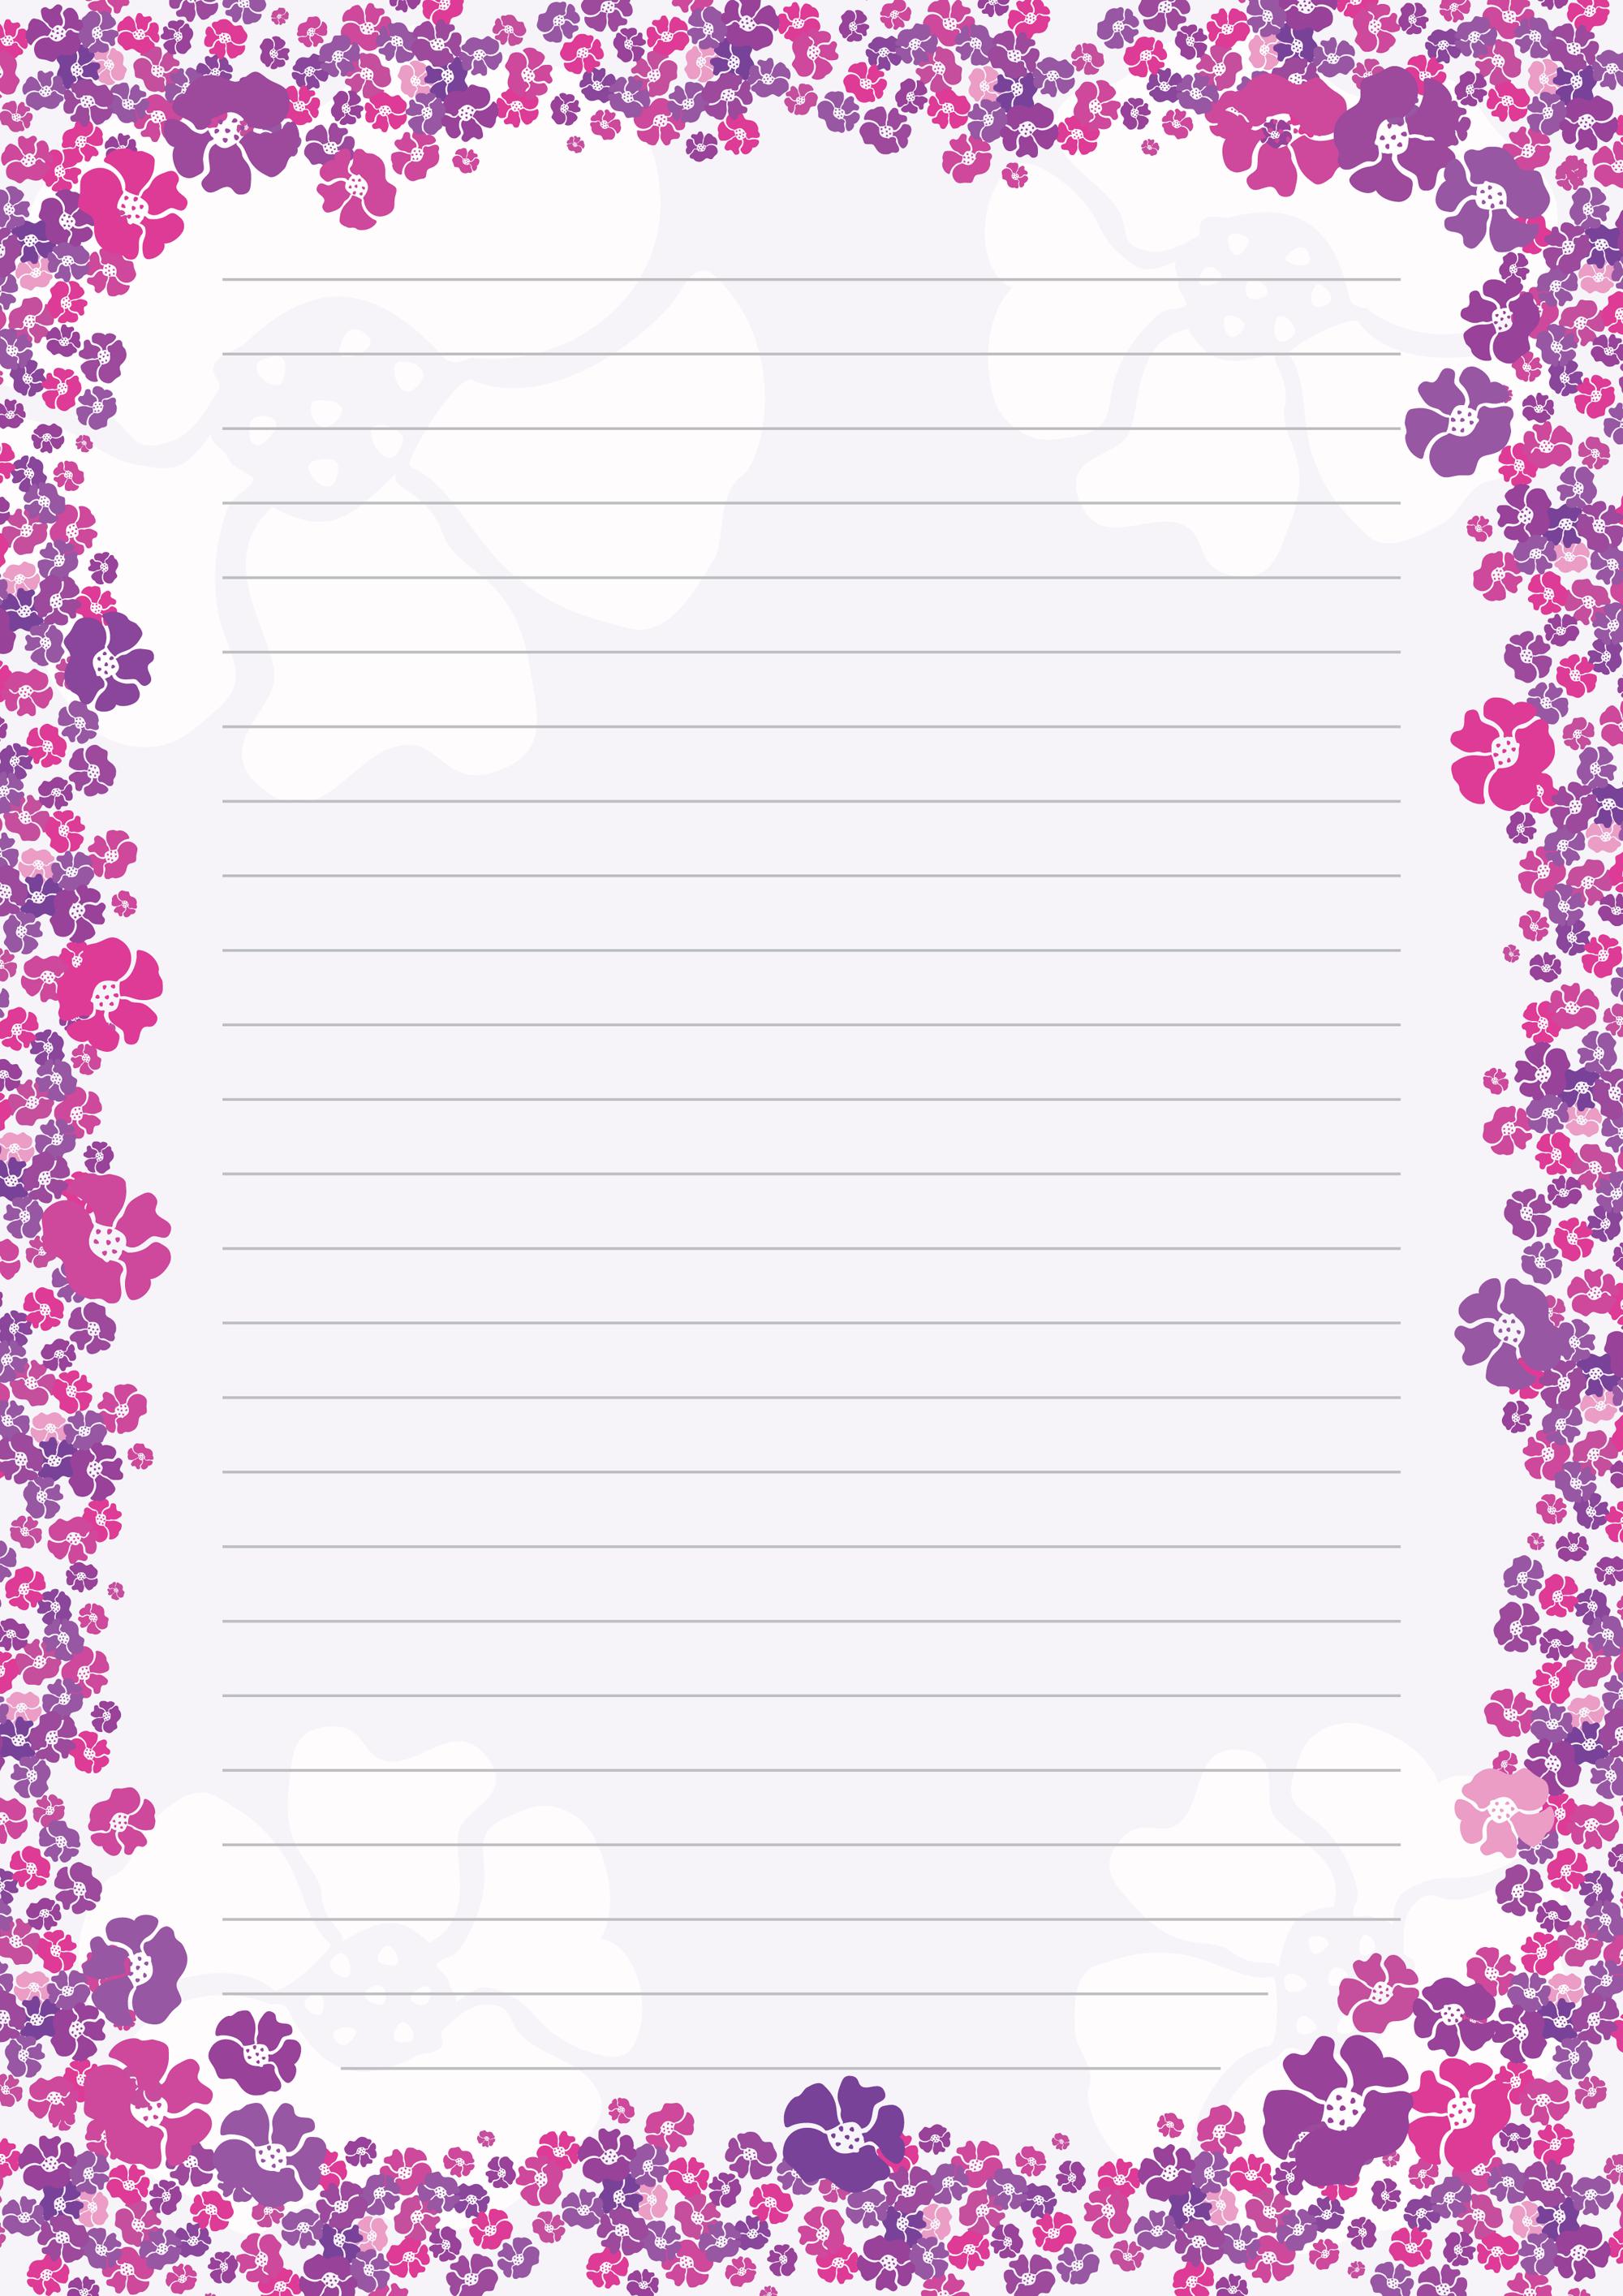 рамочки для поздравительных текстов: